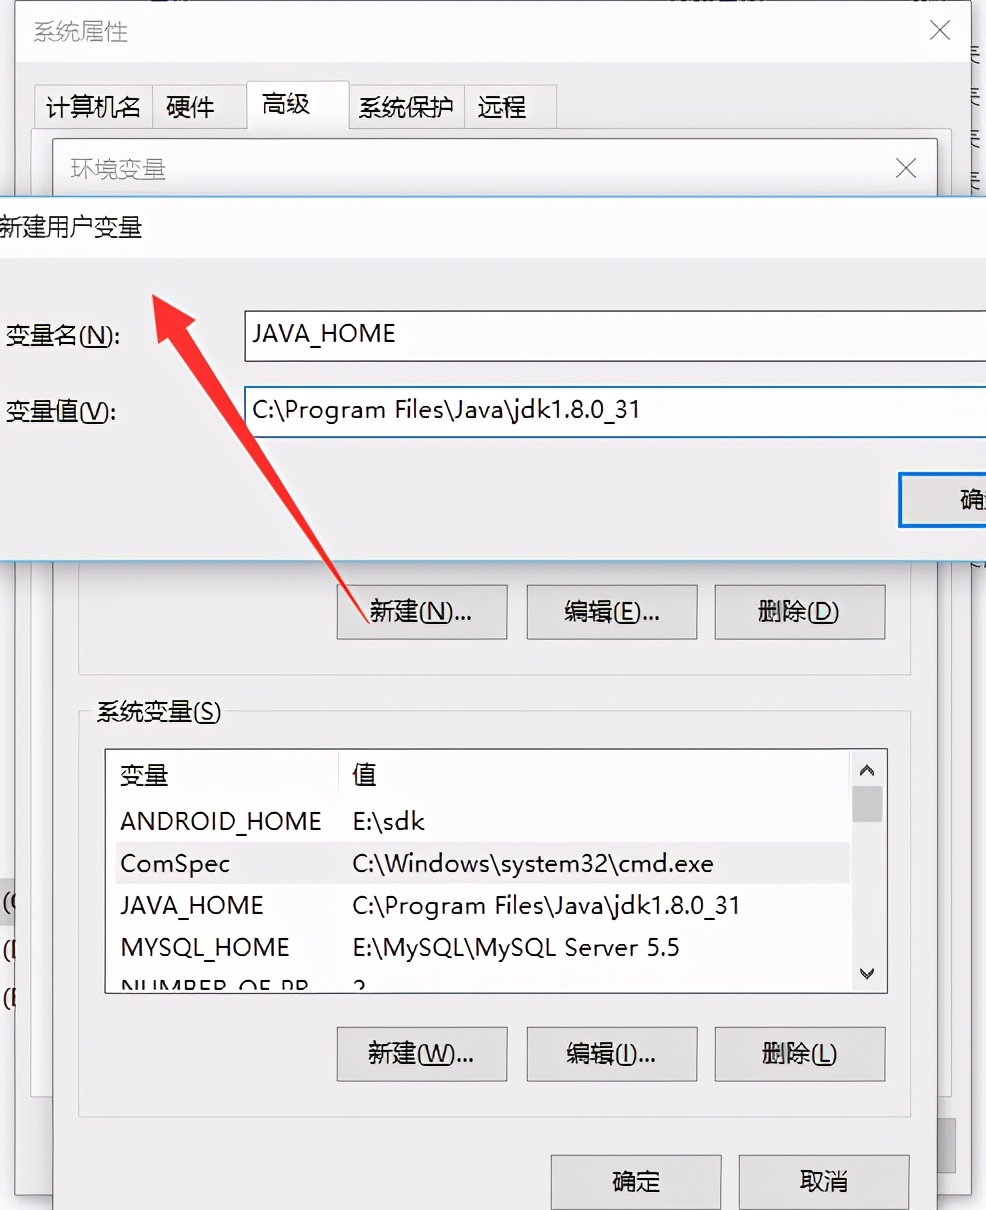 jdk安装教程(怎么在java安装jdk并配置环境变量)(12)